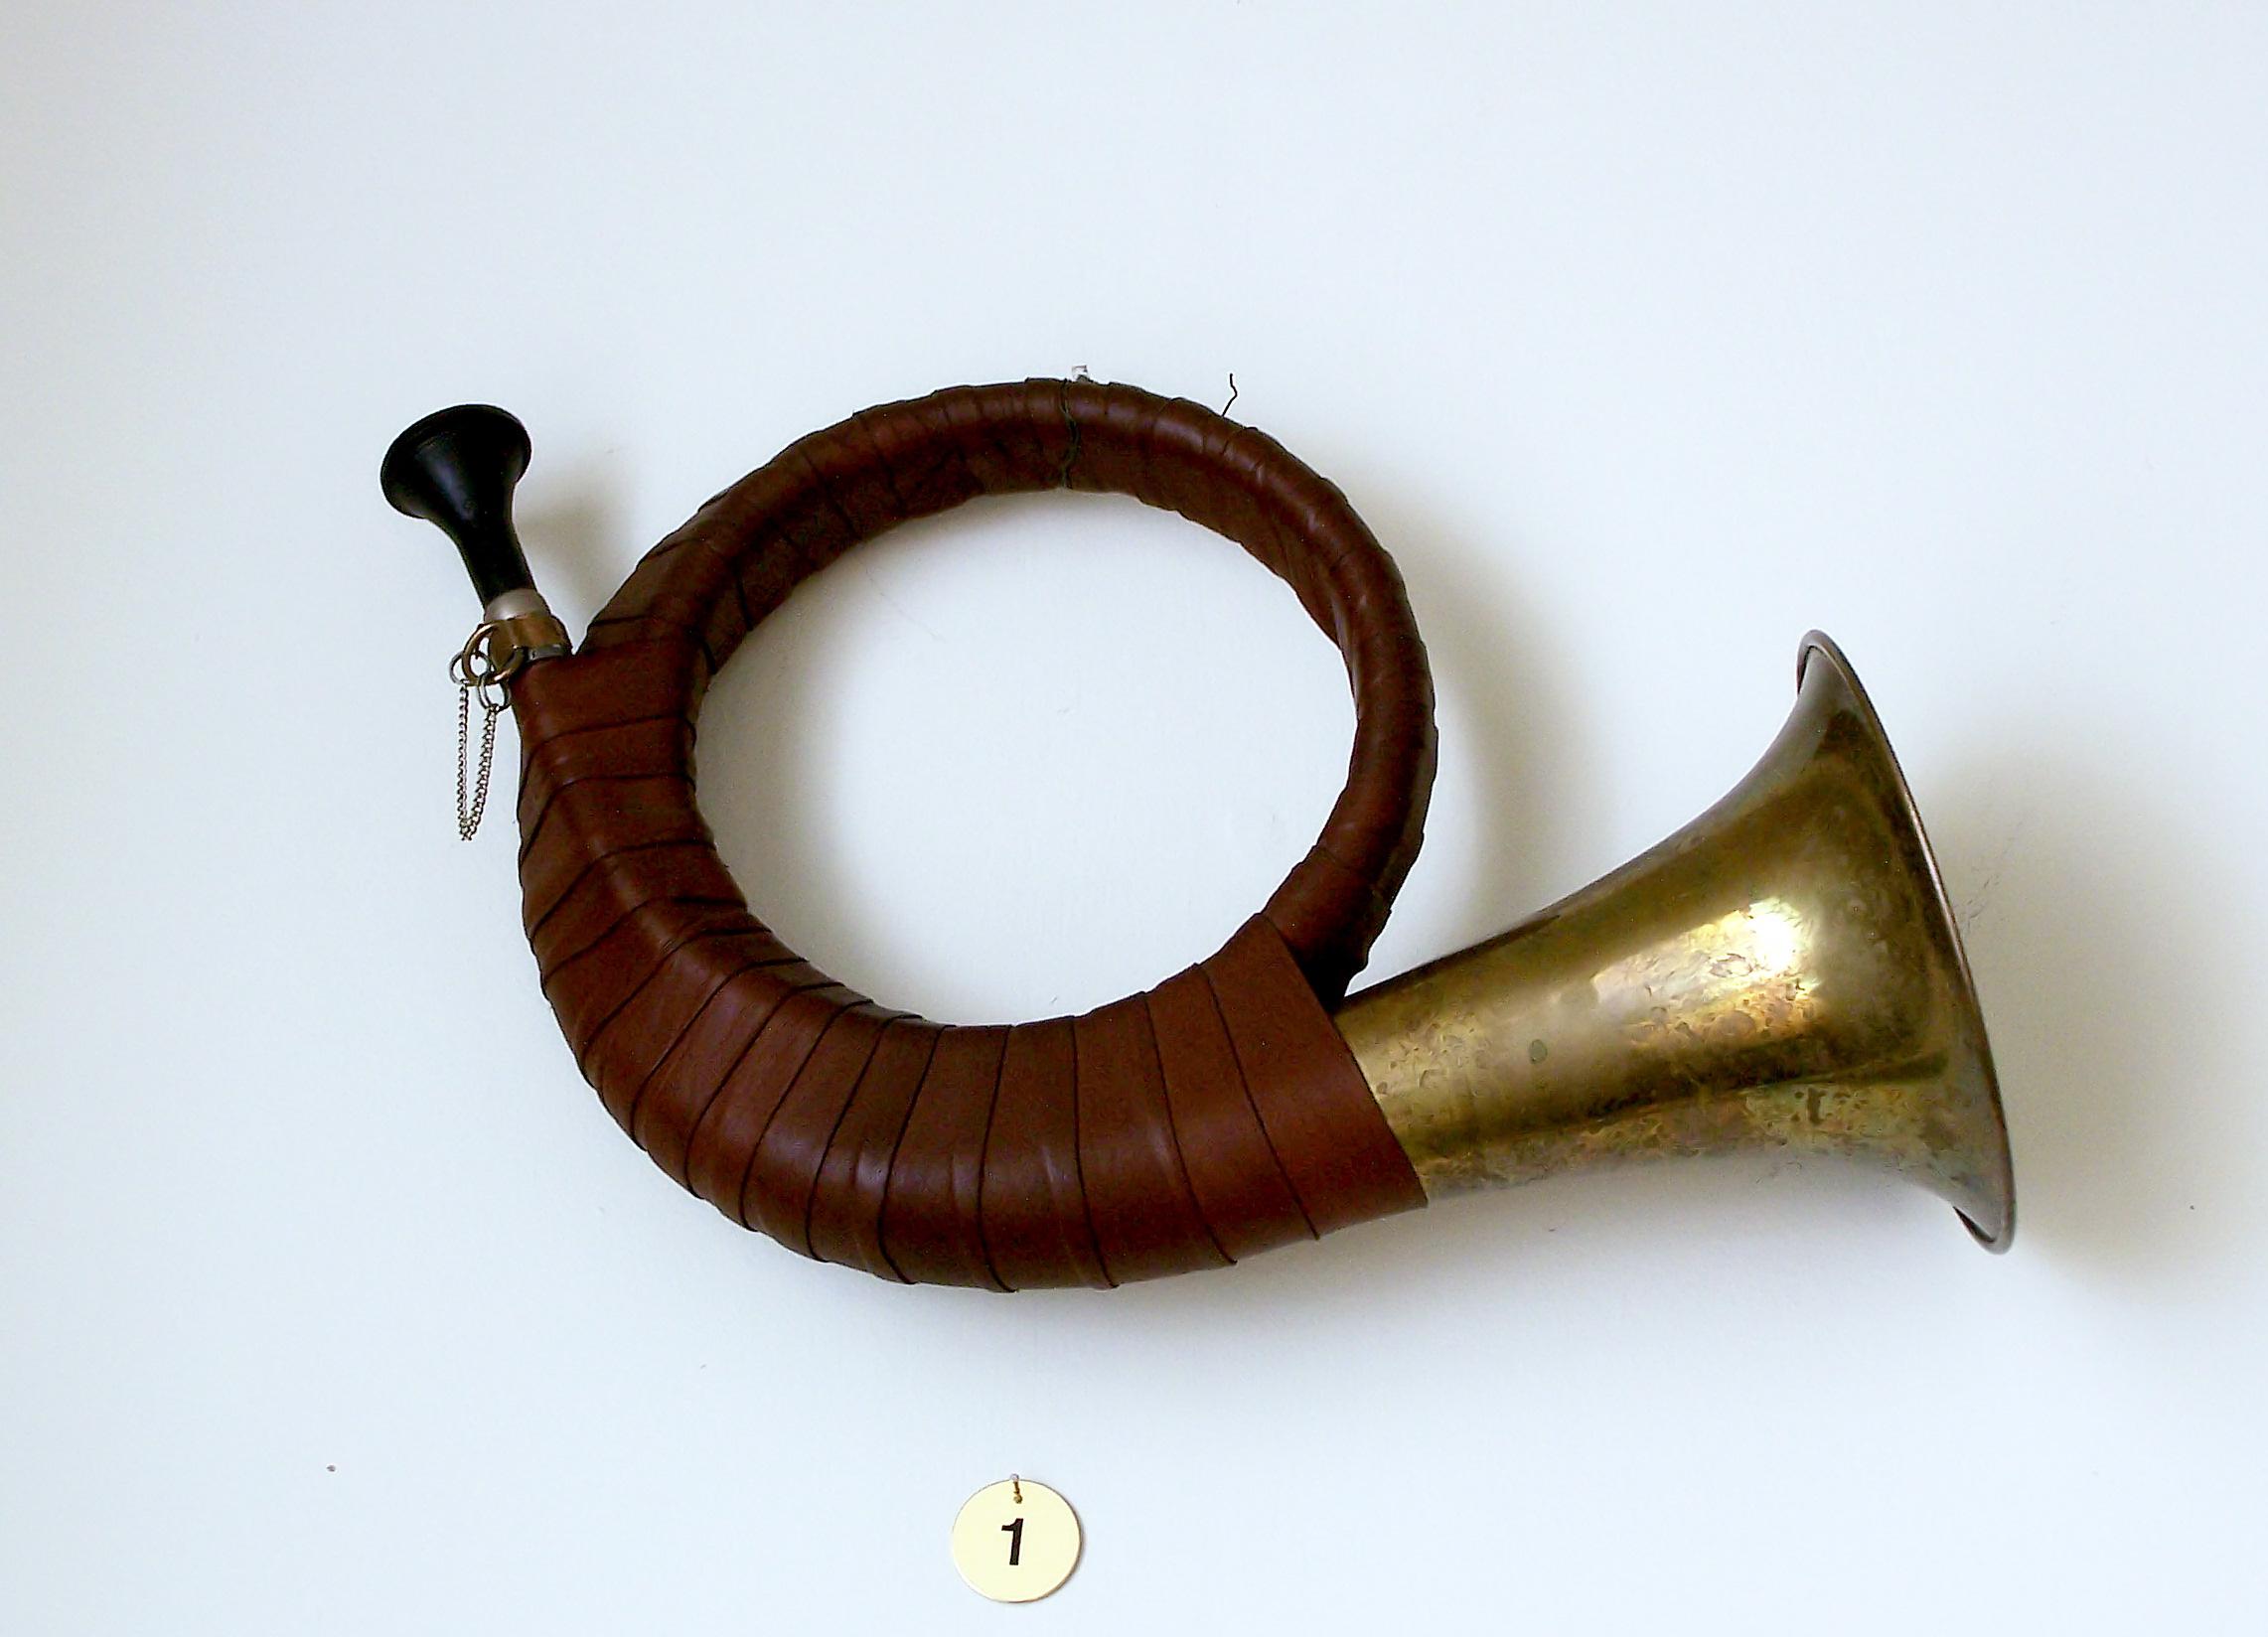 F U00fcrst-pless-horn